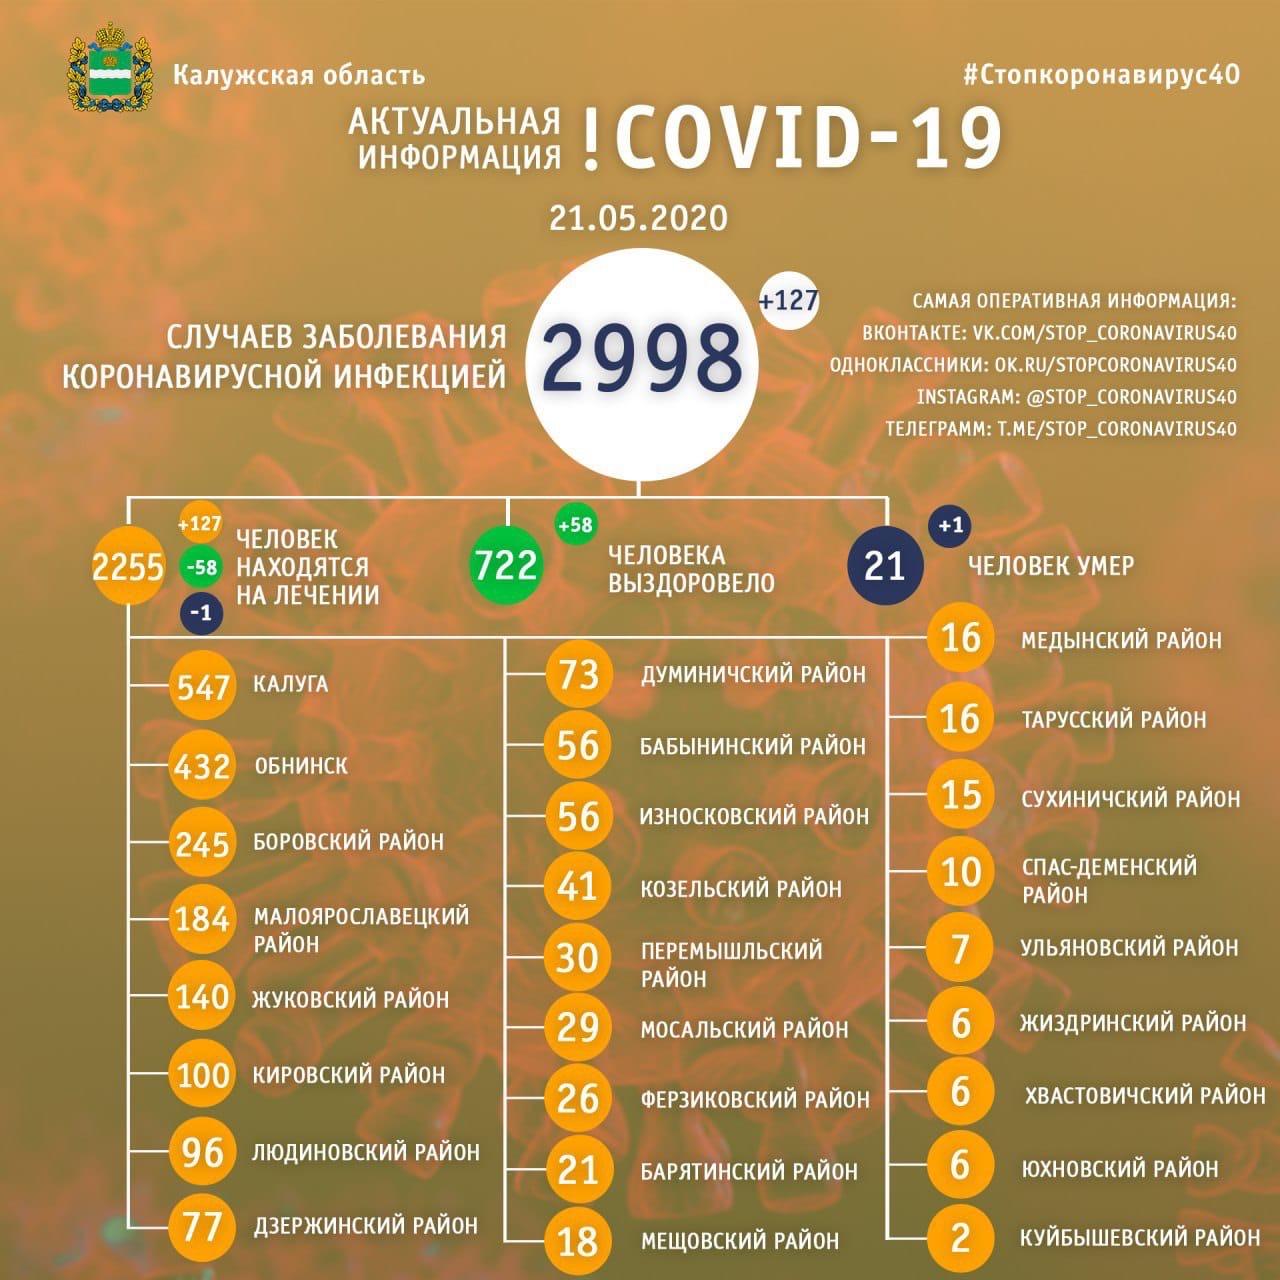 В области число заболевших COVID-19 достигло почти 3 000 человек